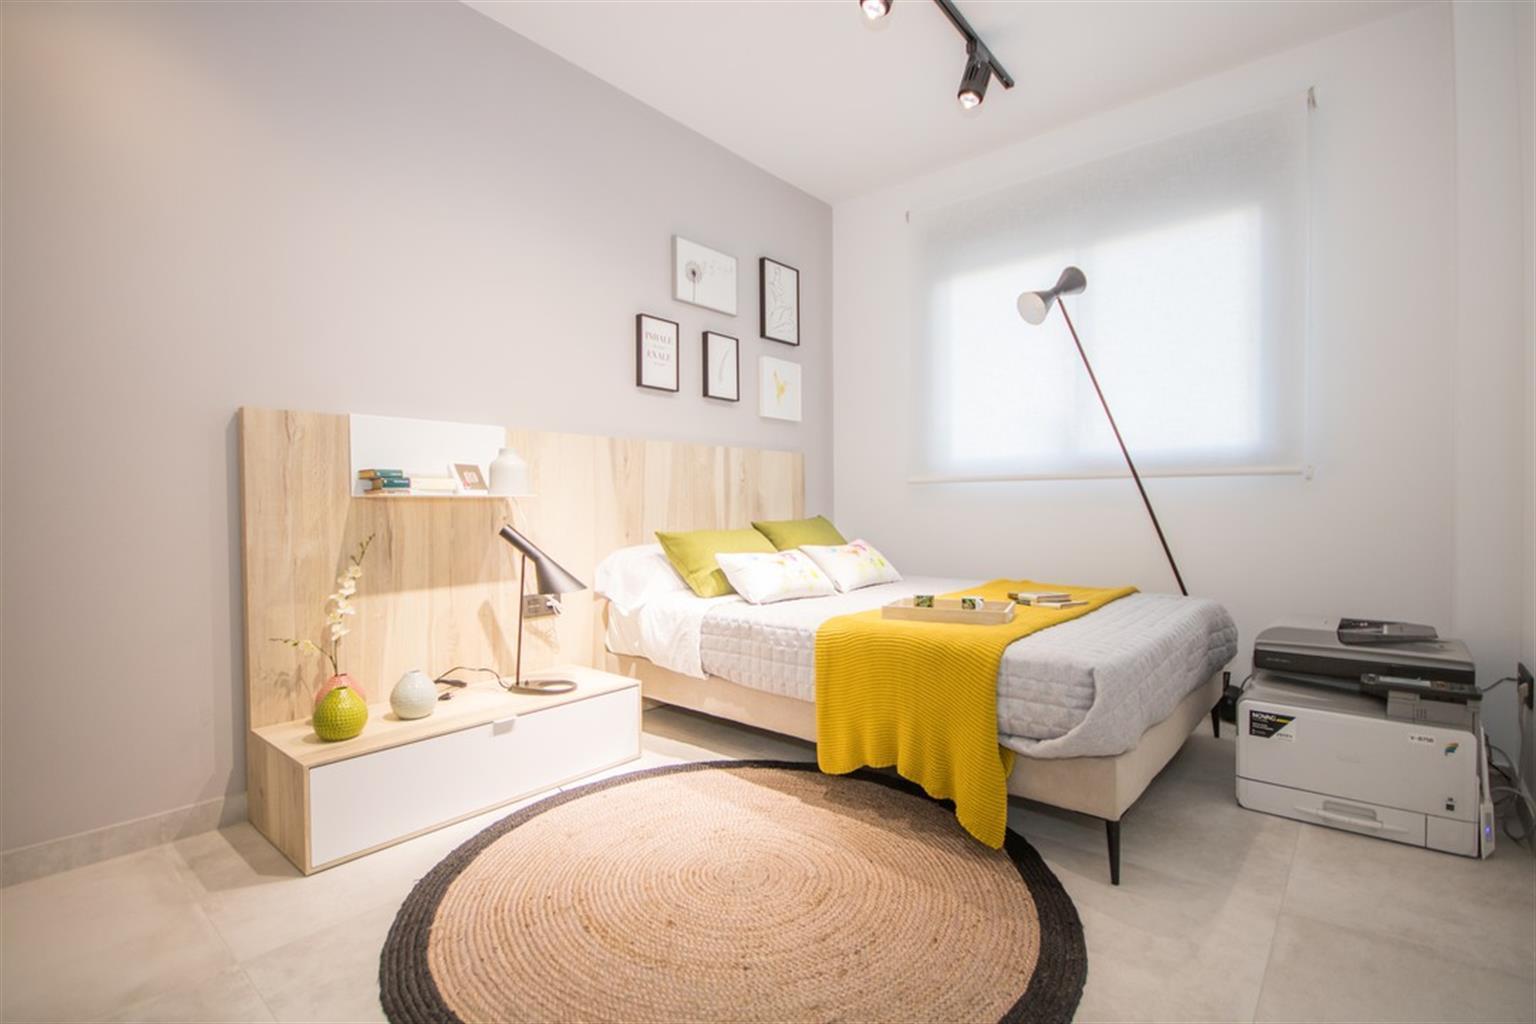 Appartement - El Raso  - #4230271-37